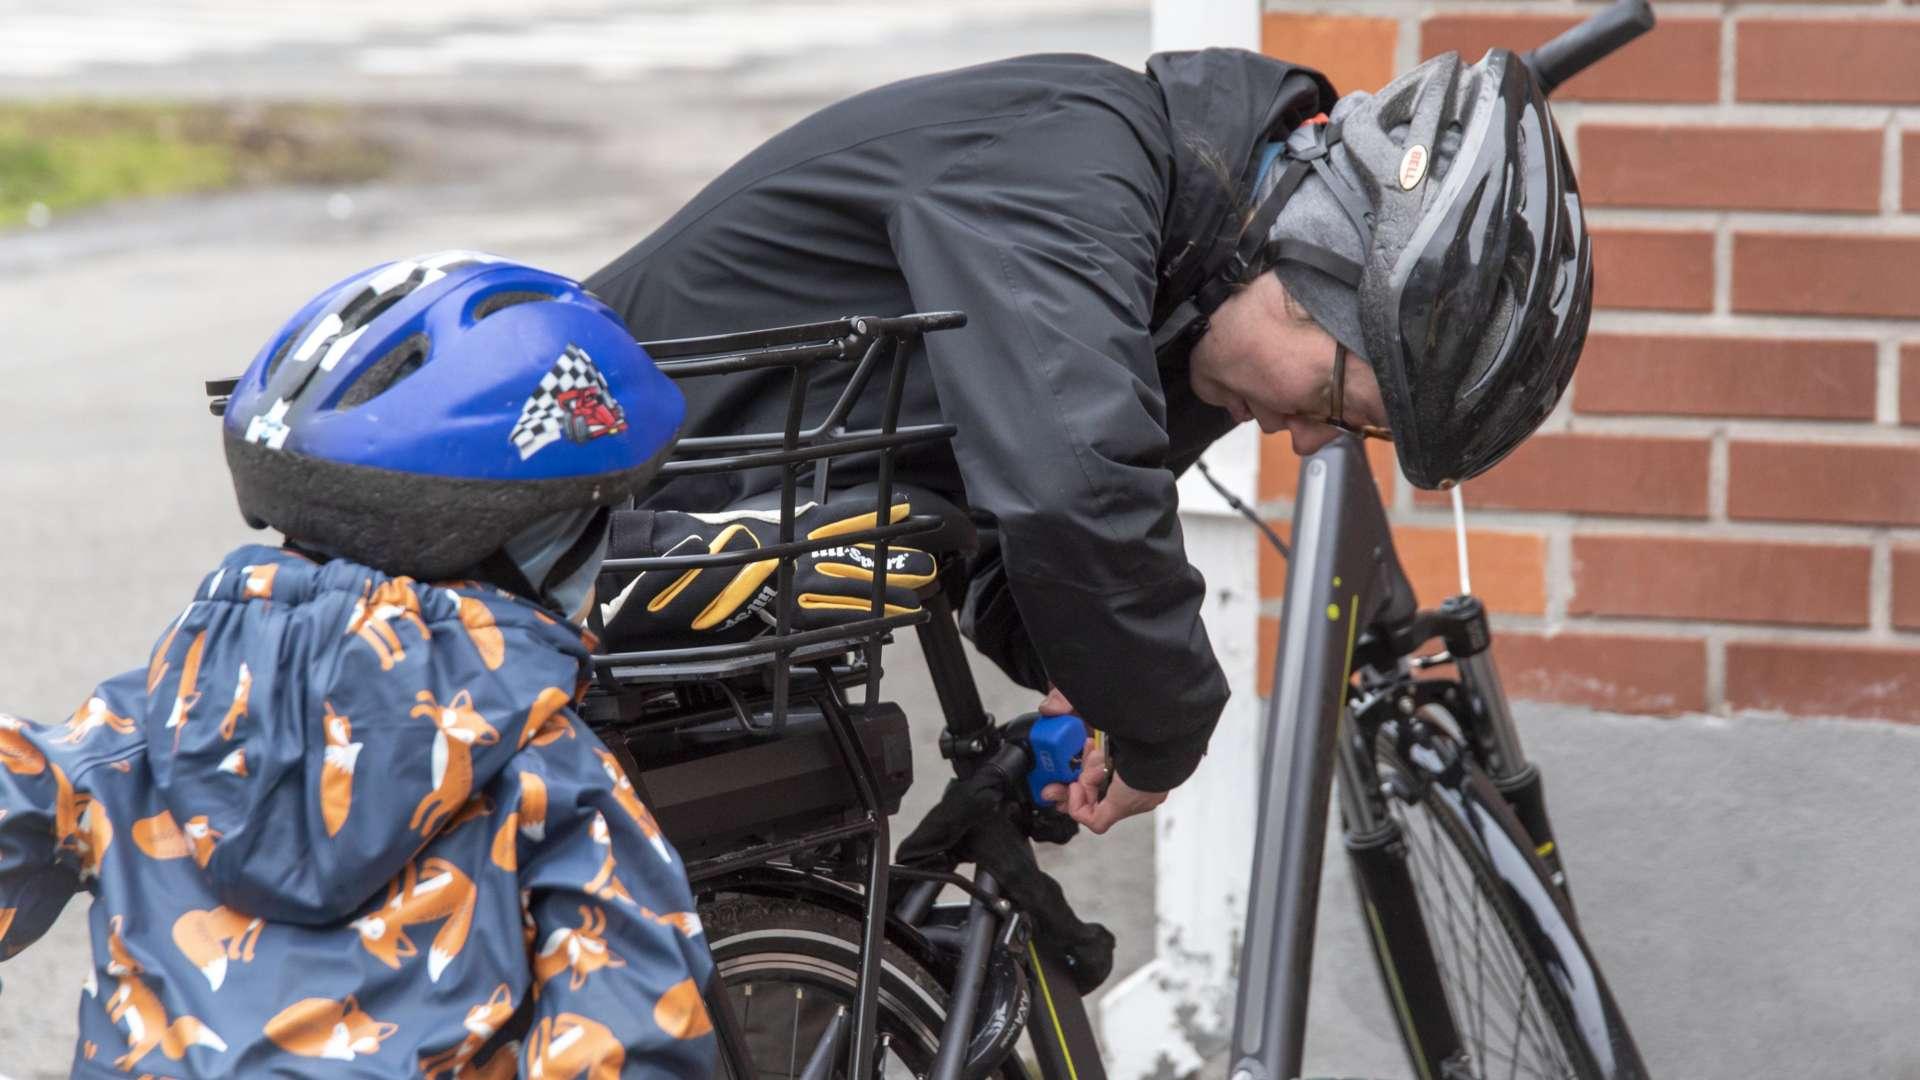 Nainen lukitsee polkupyörää. Naisen vieressä on pikkulapsi. Molemmilla on pyöräilykypärät. Liikenneturvallisuus on otettu huomioon